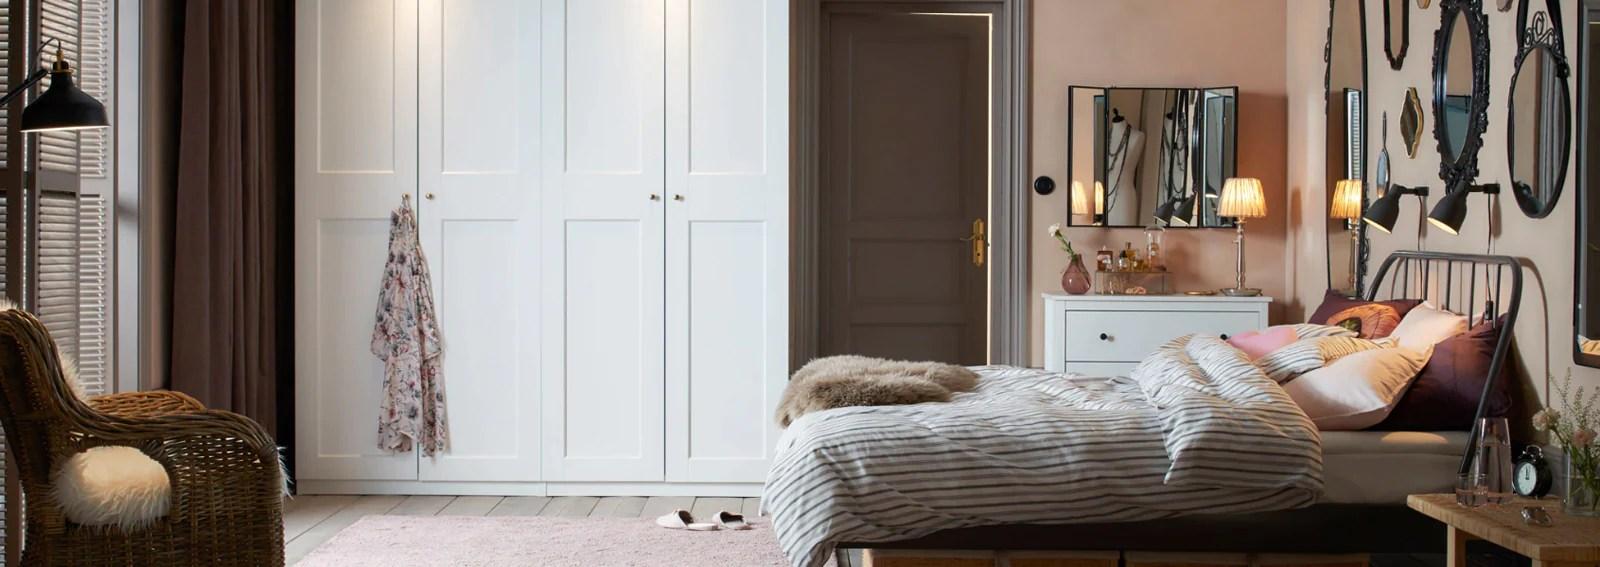 Visualizza altre idee su letto a soppalco, soppalco camera da letto, camera da letto. Camera Da Letto Ikea 10 Idee Da Copiare Subito